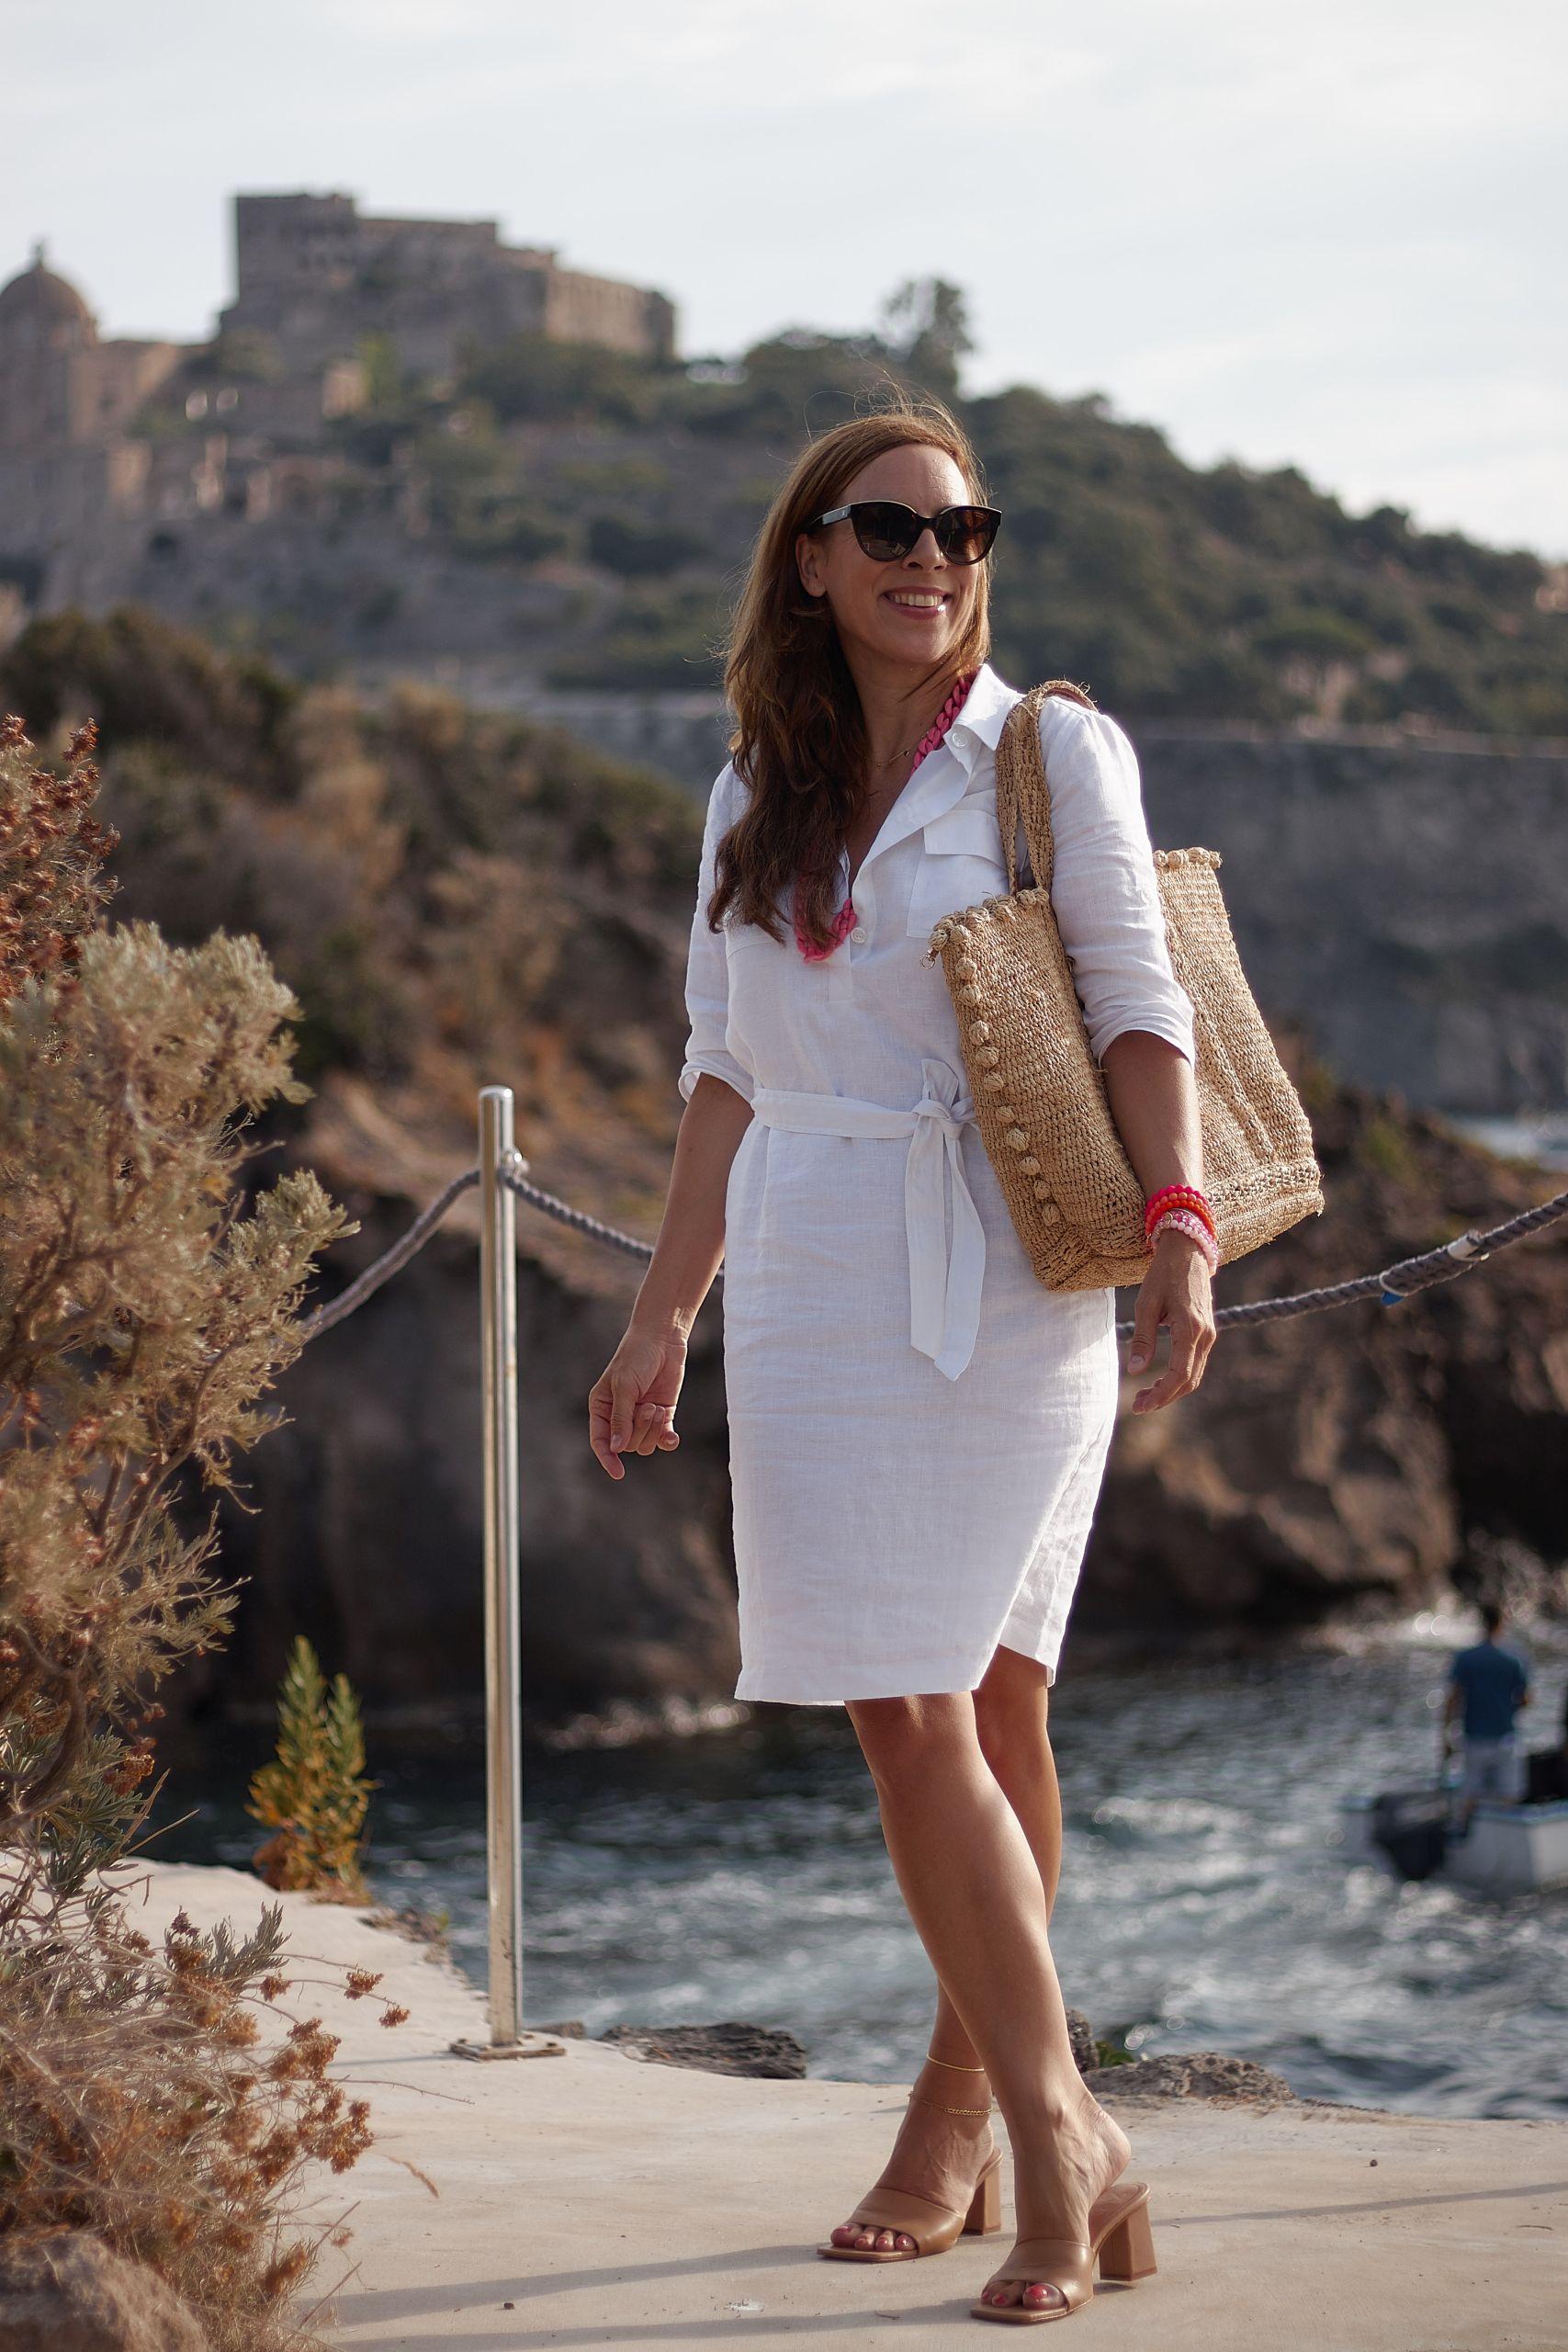 Weißes Kleid zu pinkfarbenen Accessoires im Giardino Eden Ischia